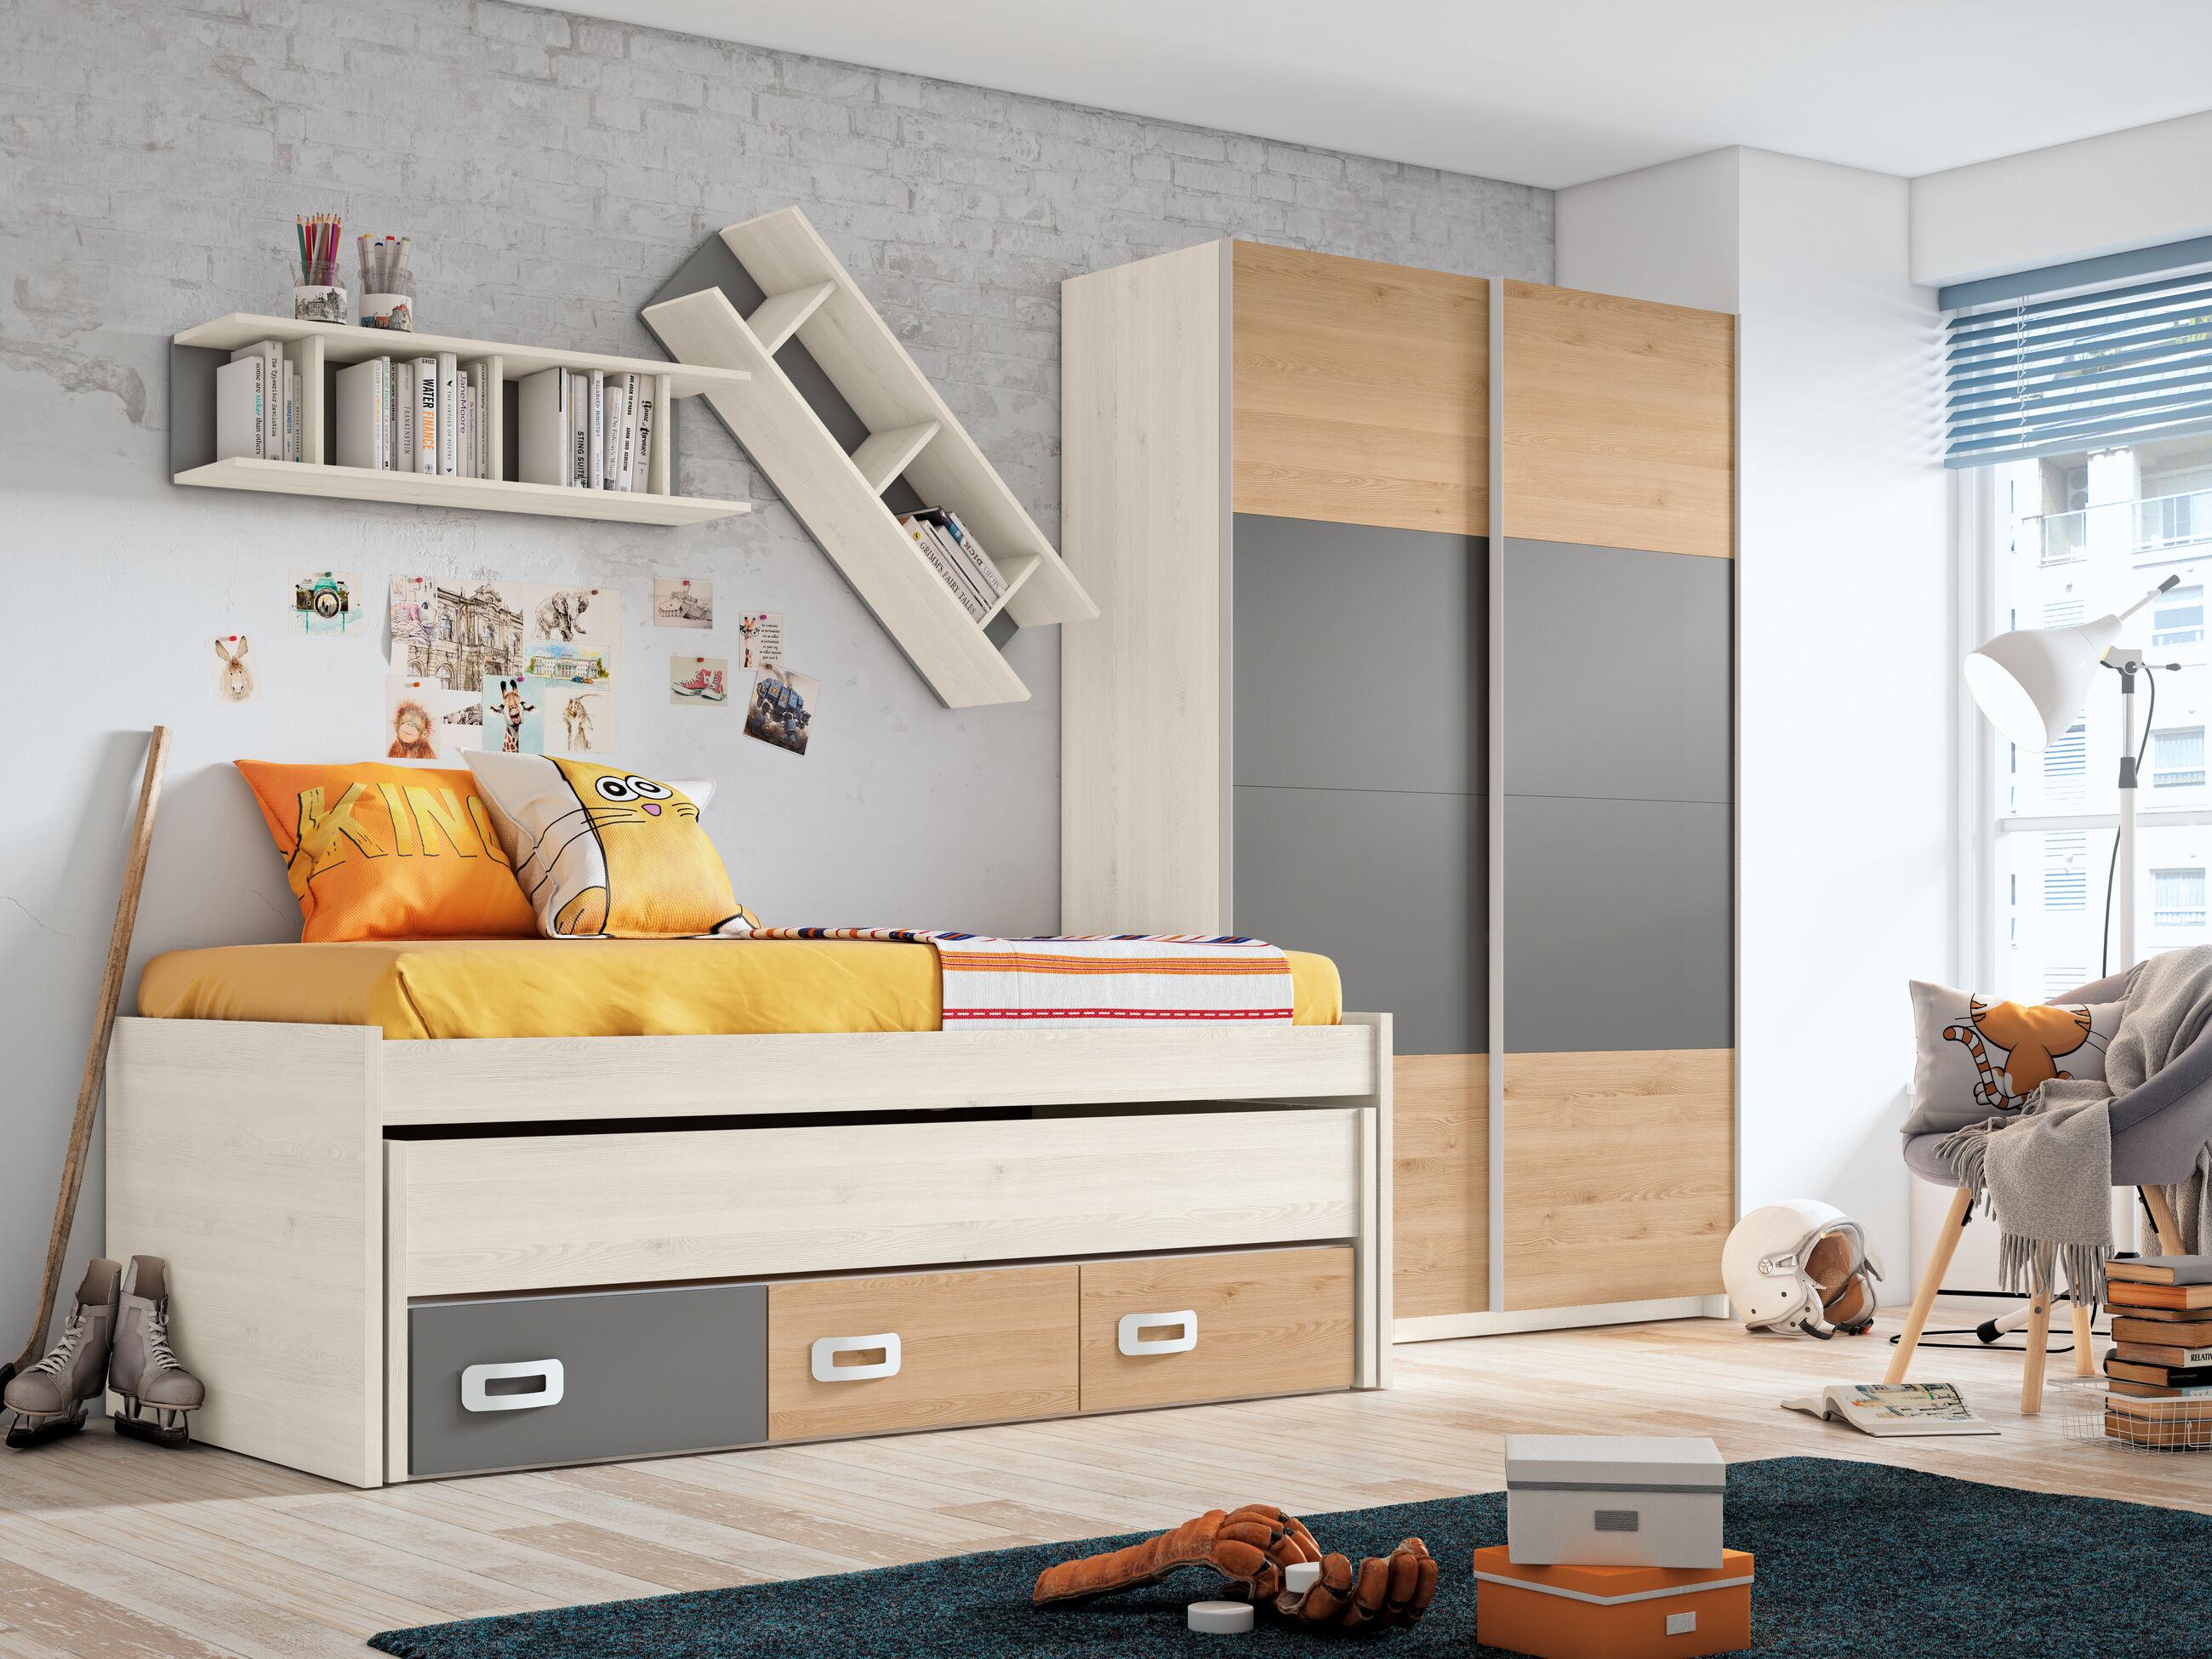 Dormitorio juvenil completo BLANCO NORDIC - PINO DANÉS - GRIS TORMENTA